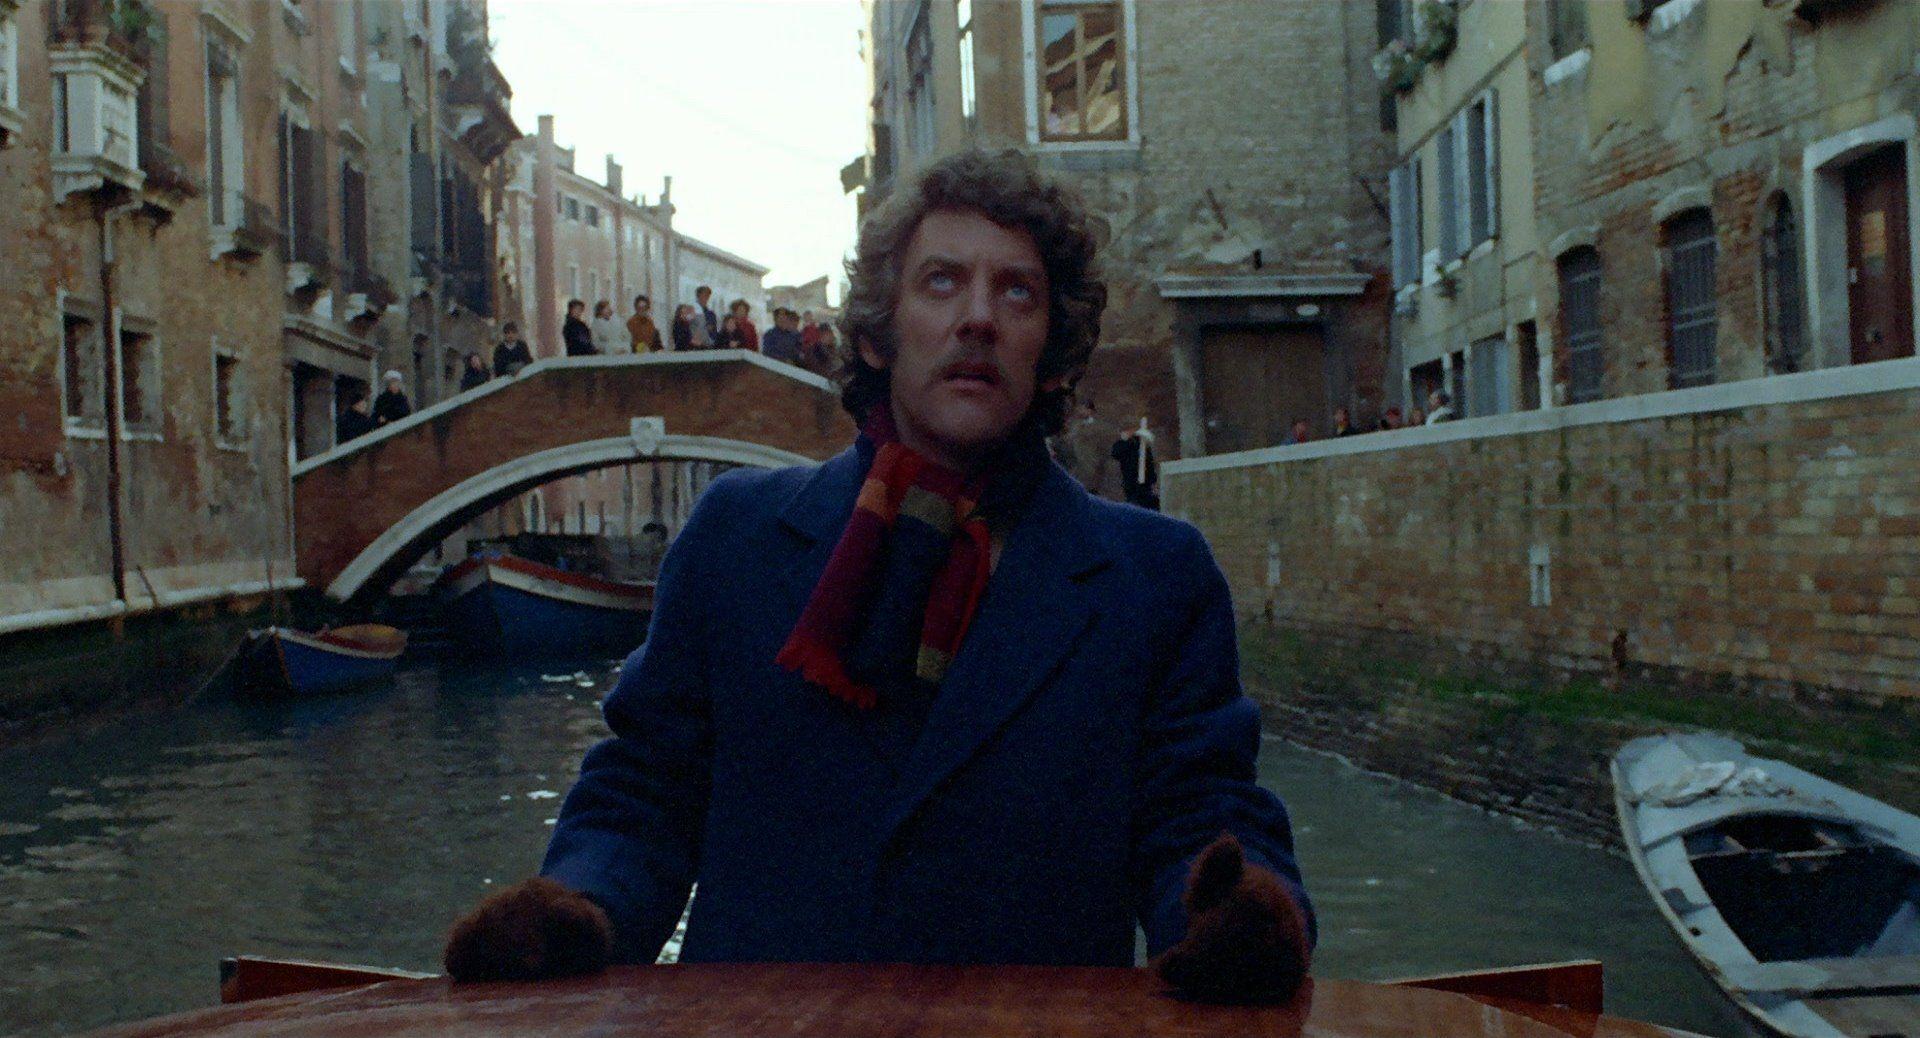 A Venezia... un dicembre rosa shocking: Donald Sutherland in una tesa sequenza